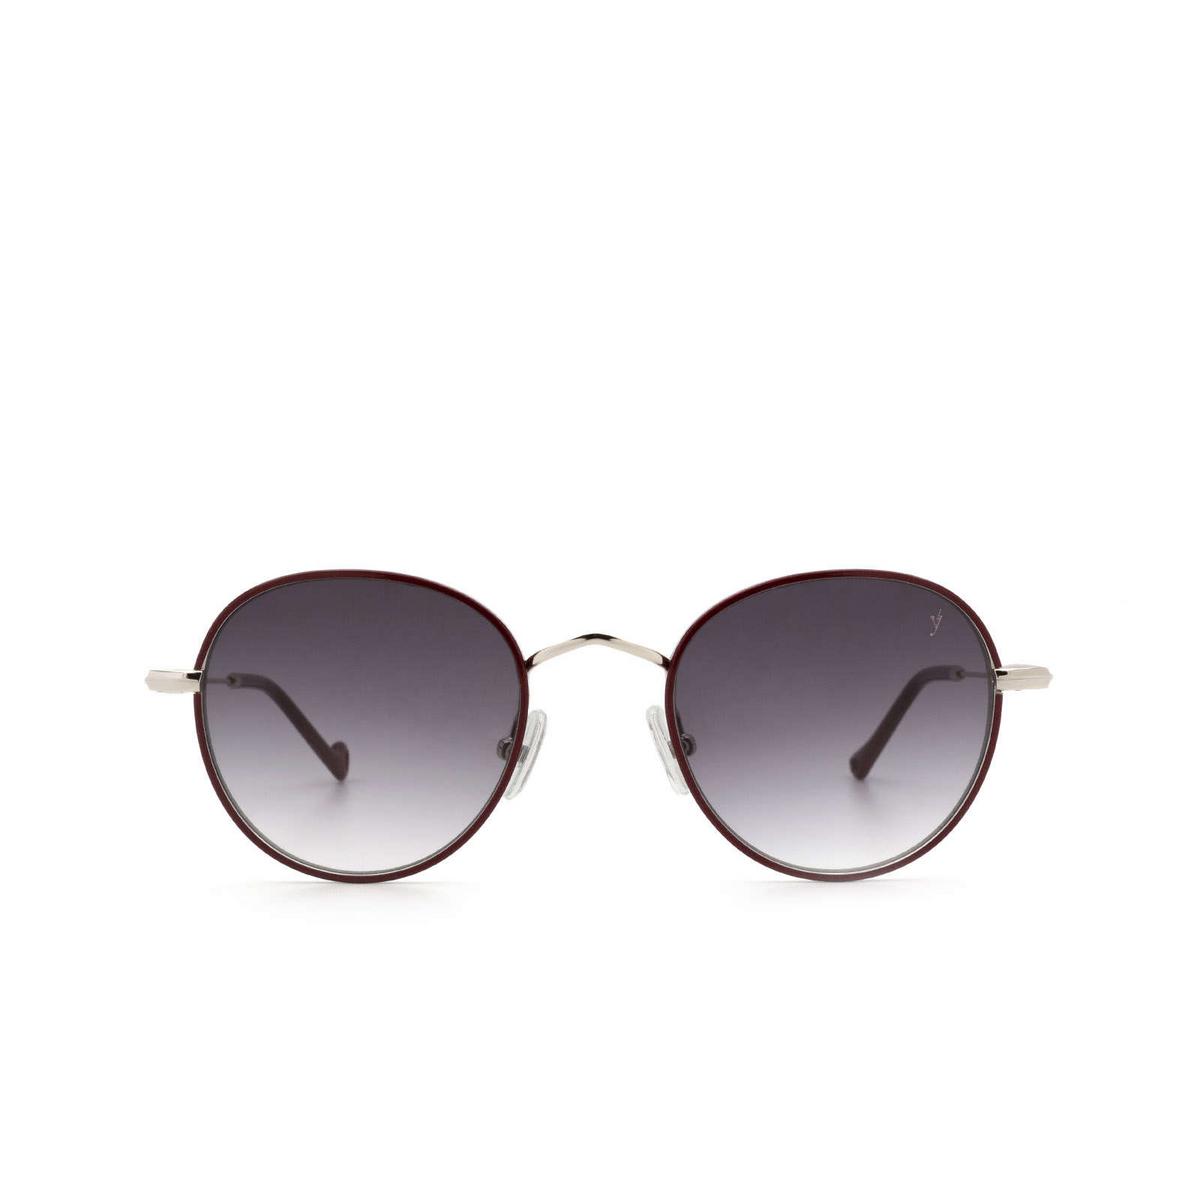 Eyepetizer® Round Sunglasses: Cinq color Bordeaux C.1-C-P-27 - front view.